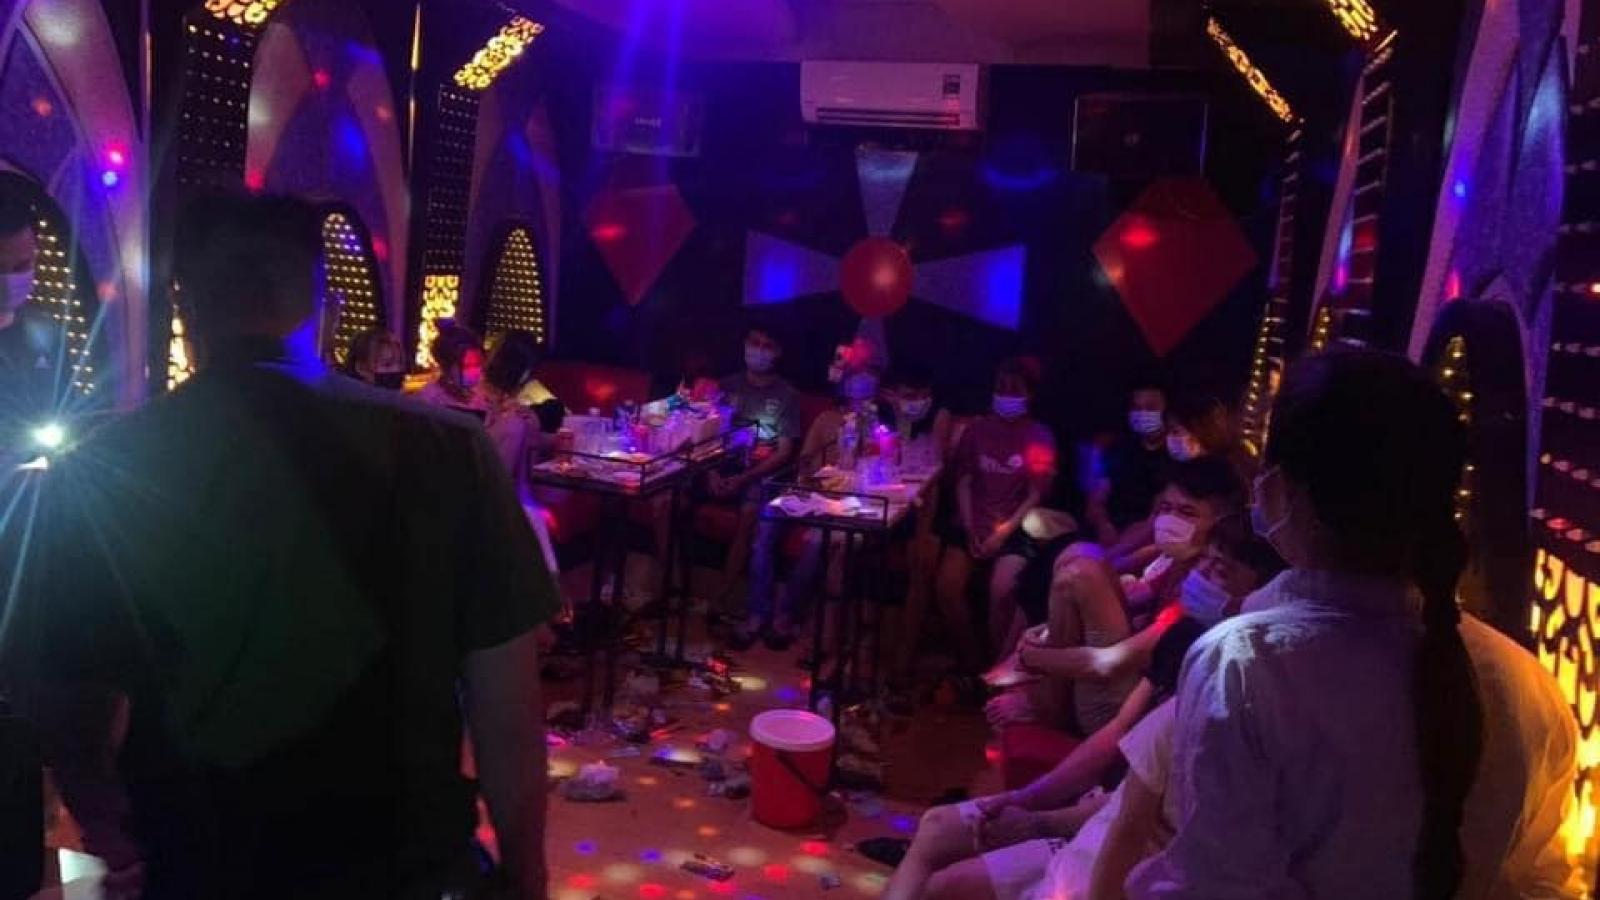 """13 thanh niên tụ tập """"bay lắc"""" trong quán karaoke ở Hà Nội"""